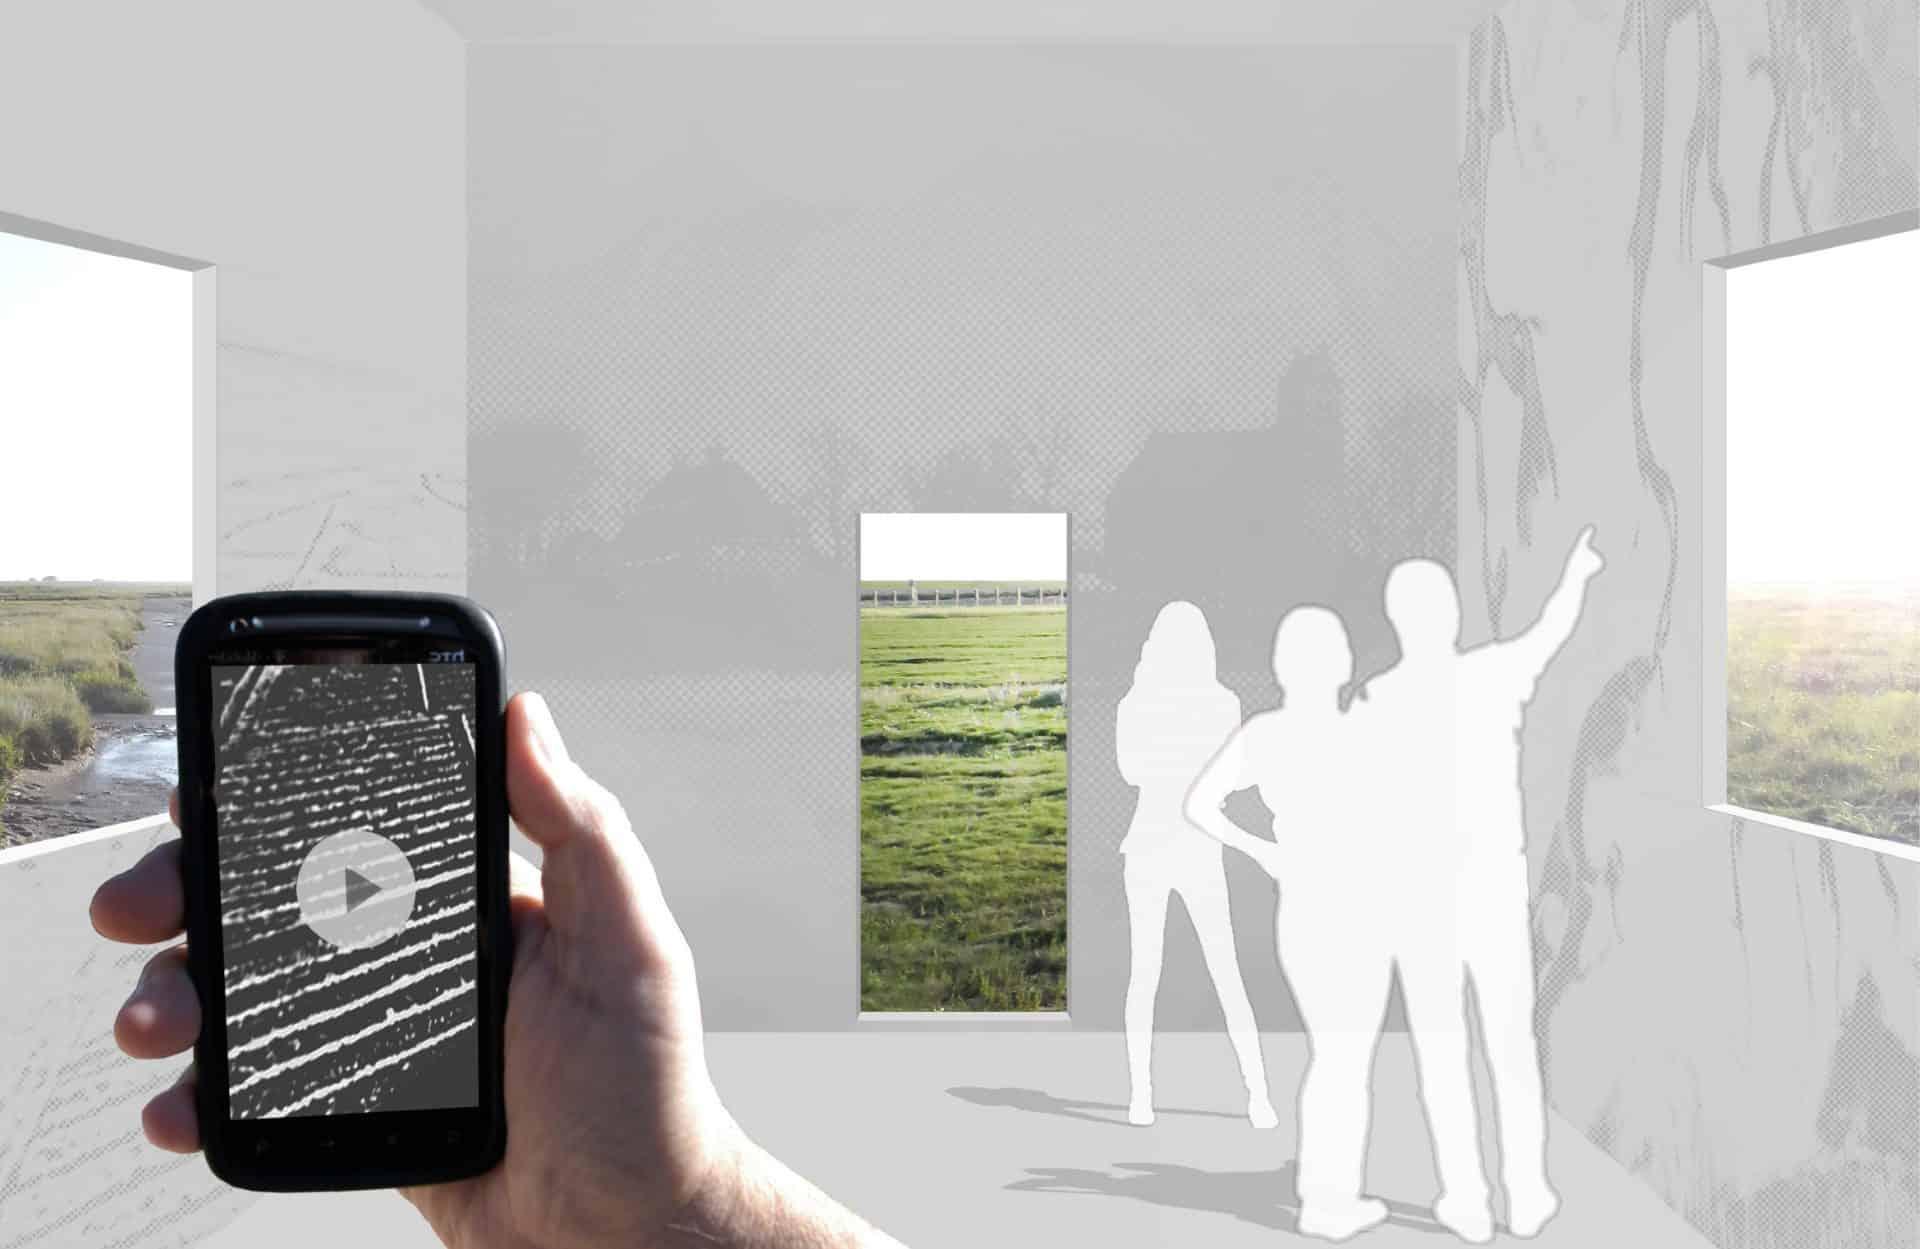 De black box heeft een goed geheugen en bevat veel informatie. Informatie op de wanden is via een Layar app op de smartphone om te zetten in bewegende beelden. Er spelen films af over de opbouw van de wierde, de bouw van de kwelderwerken en de toekomst van de Waddenzee. De black box verbindt zo het verleden, het heden en de toekomst met elkaar.